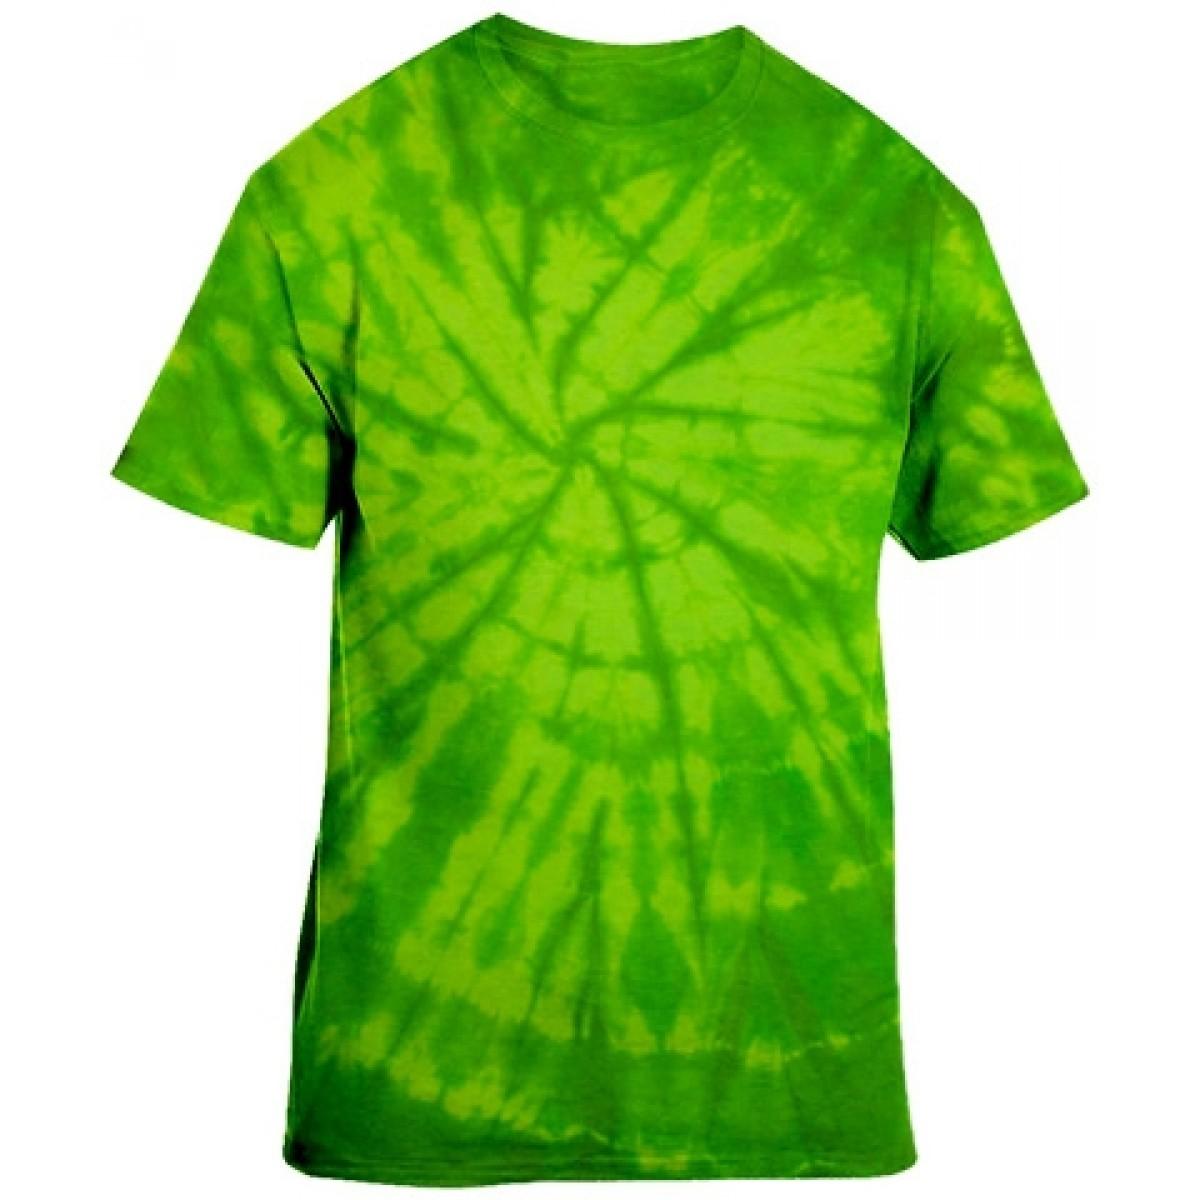 Tie-Dye Neon Green Short Sleeve-Neon Green-L